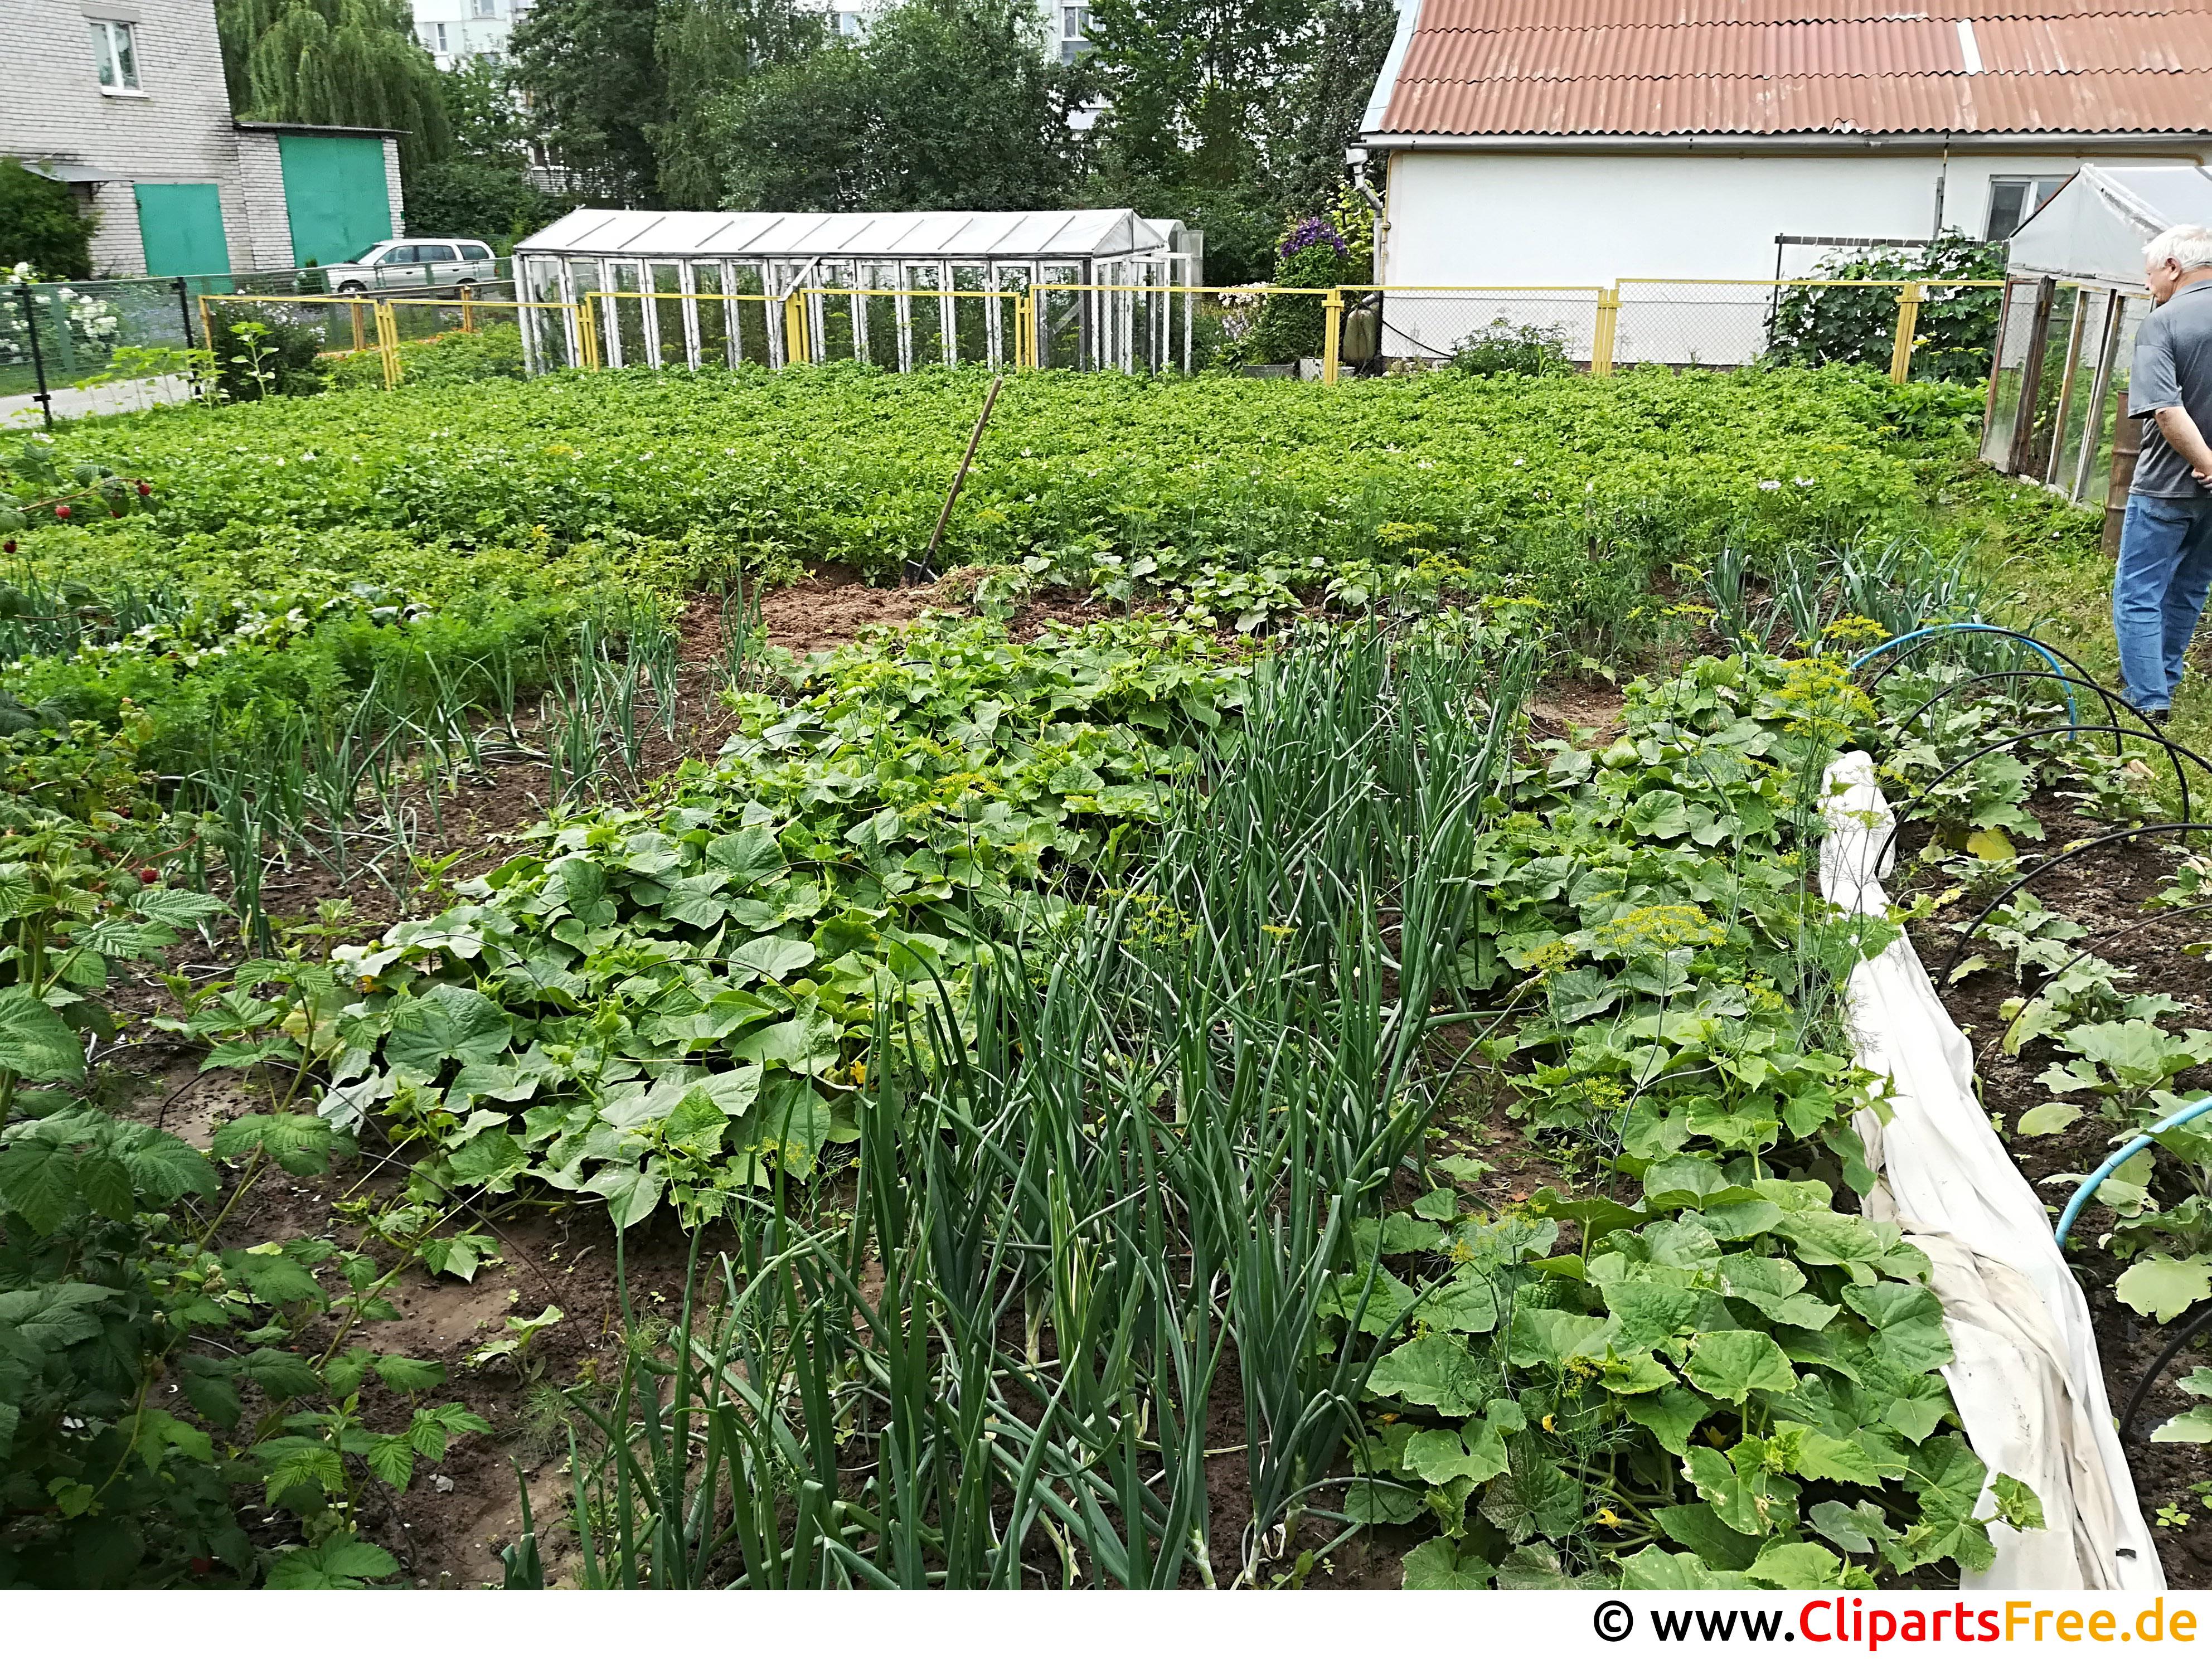 Kleingarten mit Gemüse neben Haus Foto